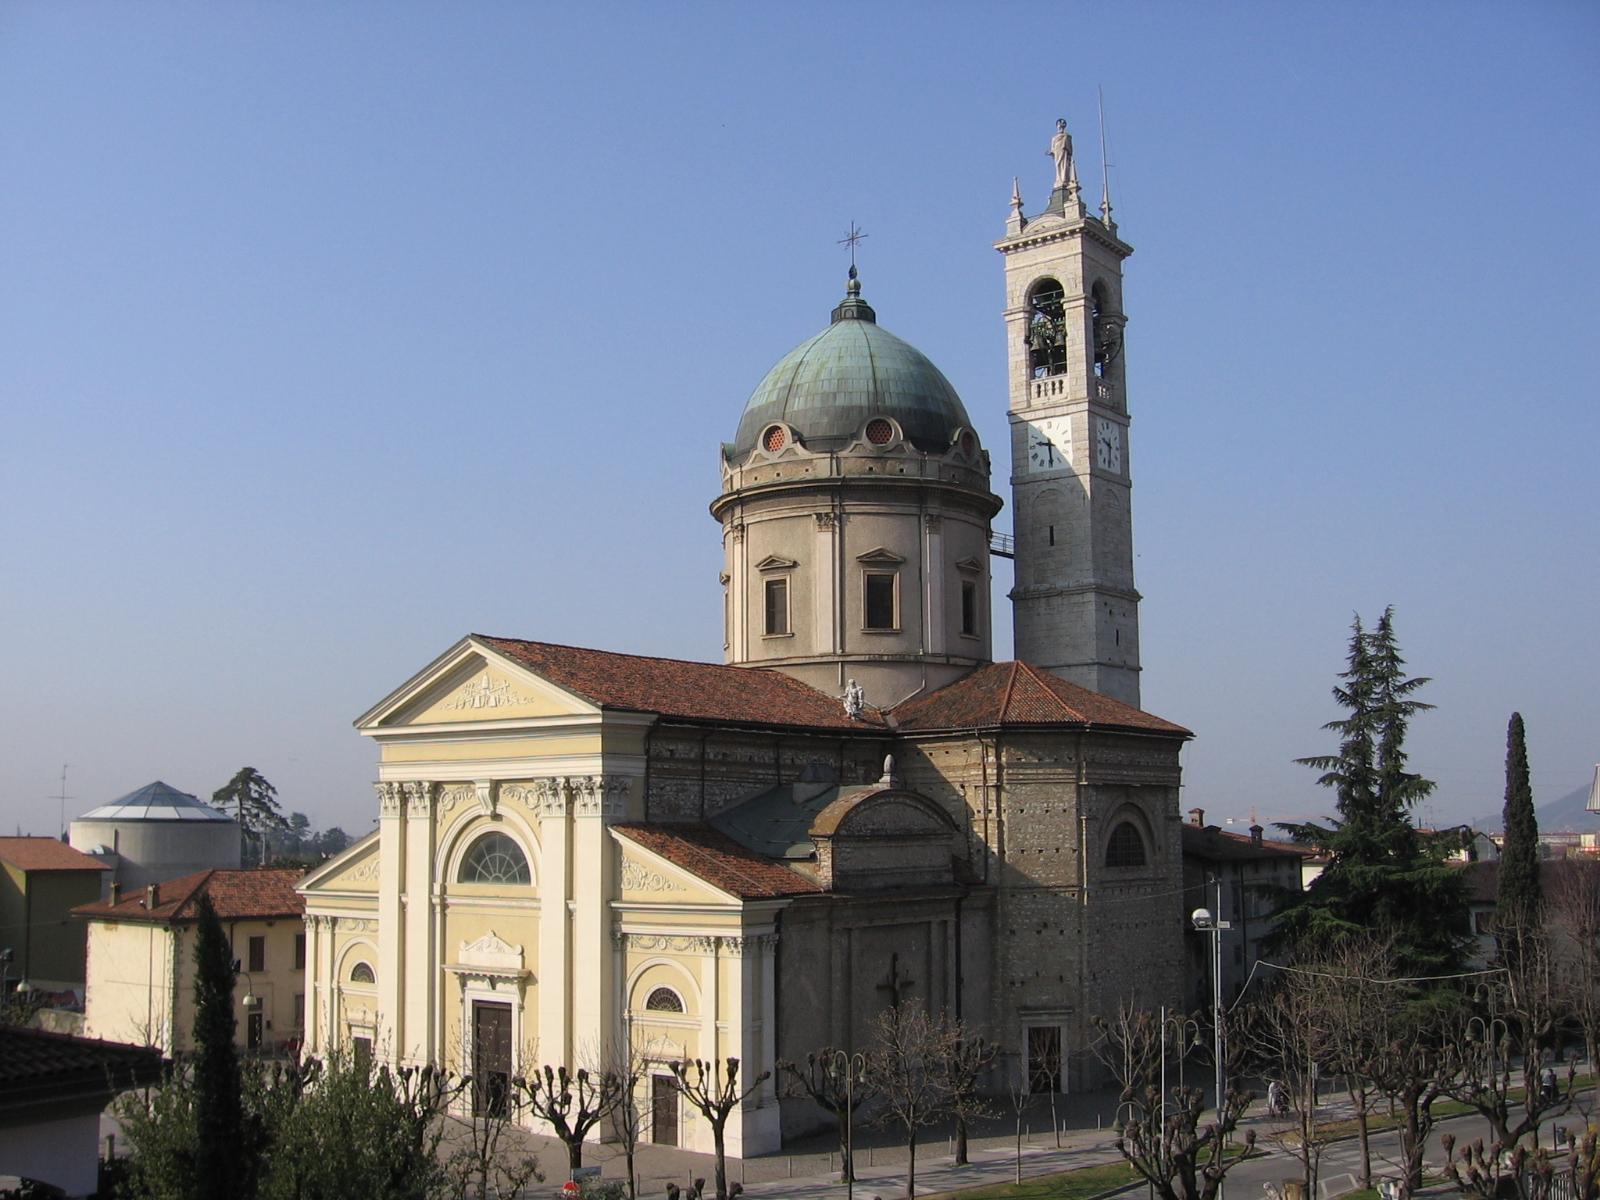 Parrocchia Di San Vittore Villa Cortese